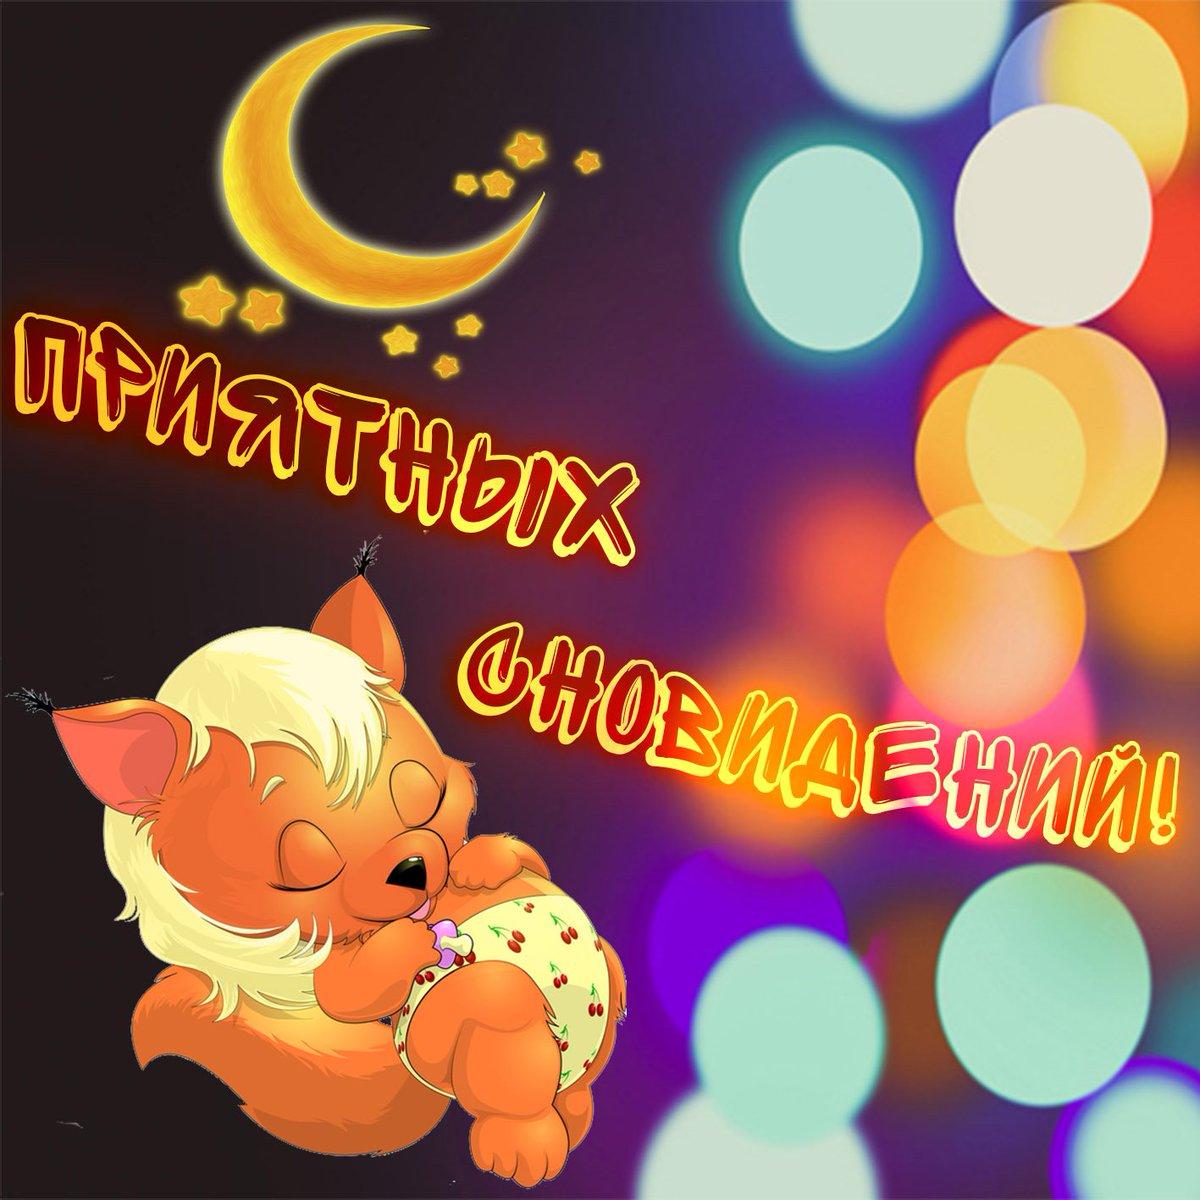 Пожелания, открытки сладкой доброй ночи